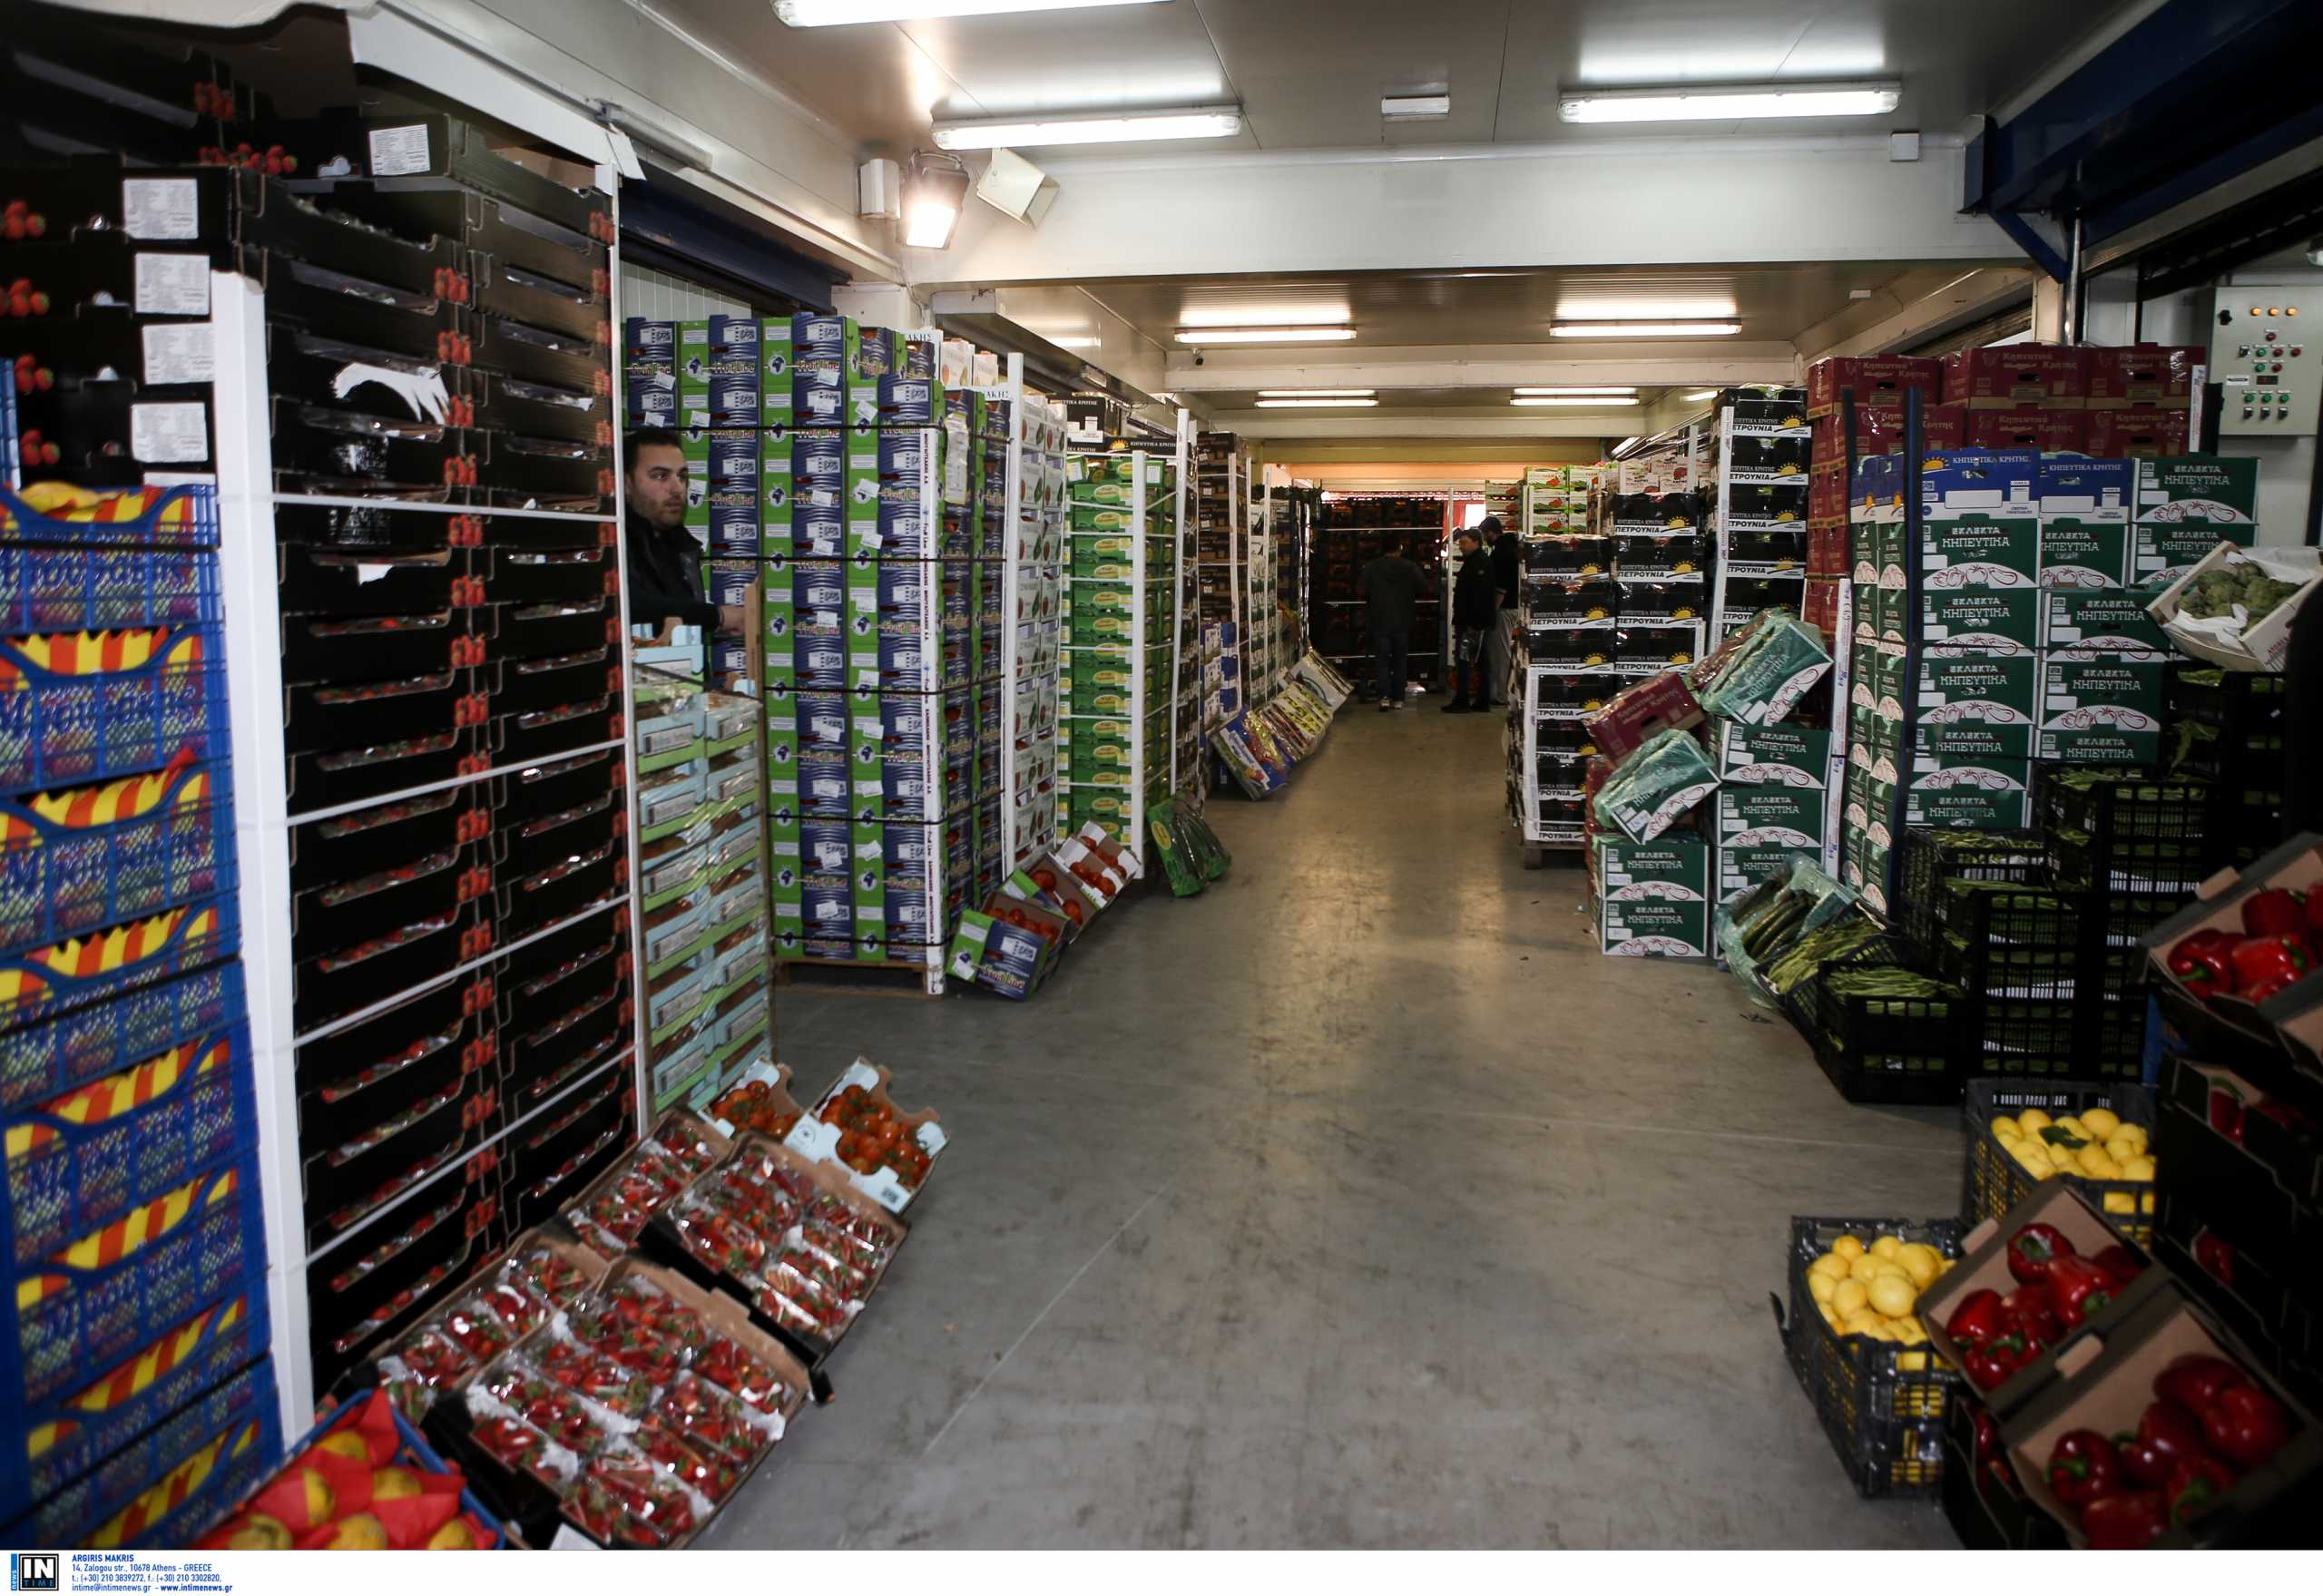 Θεσσαλονίκη: Να στελεχωθεί ιατρείο εντός της Κεντρικής Αγοράς ζητά το Εμποροβιομηχανικό Επιμελητήριο